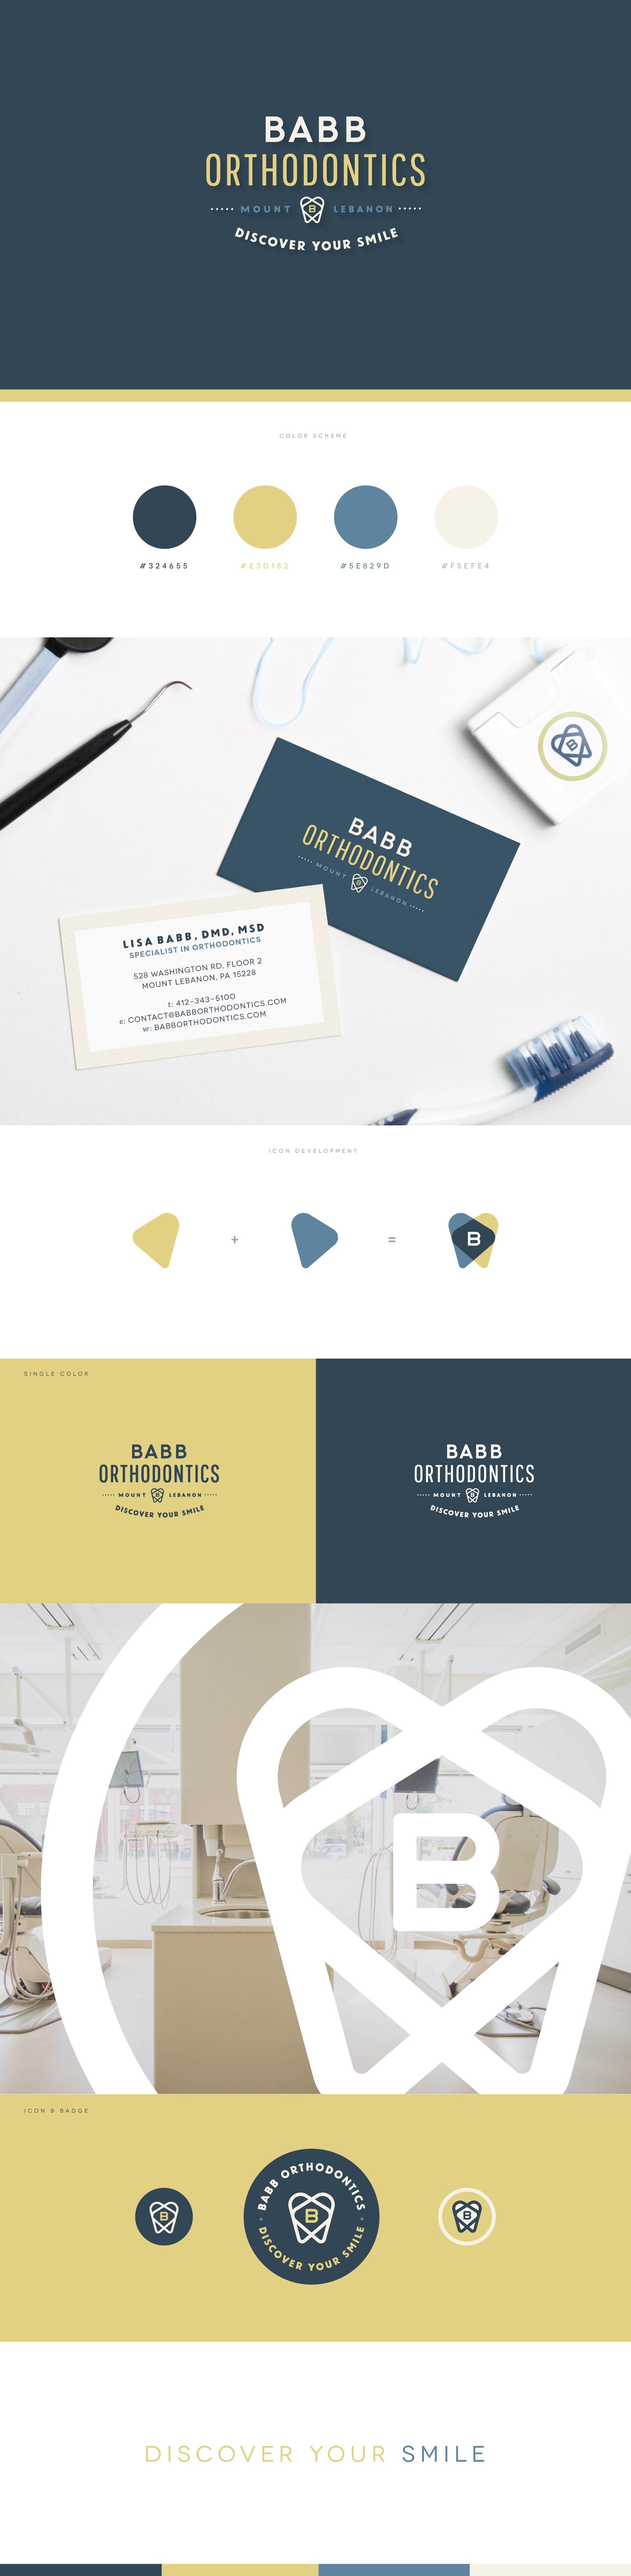 BABB-Full-Study.jpg